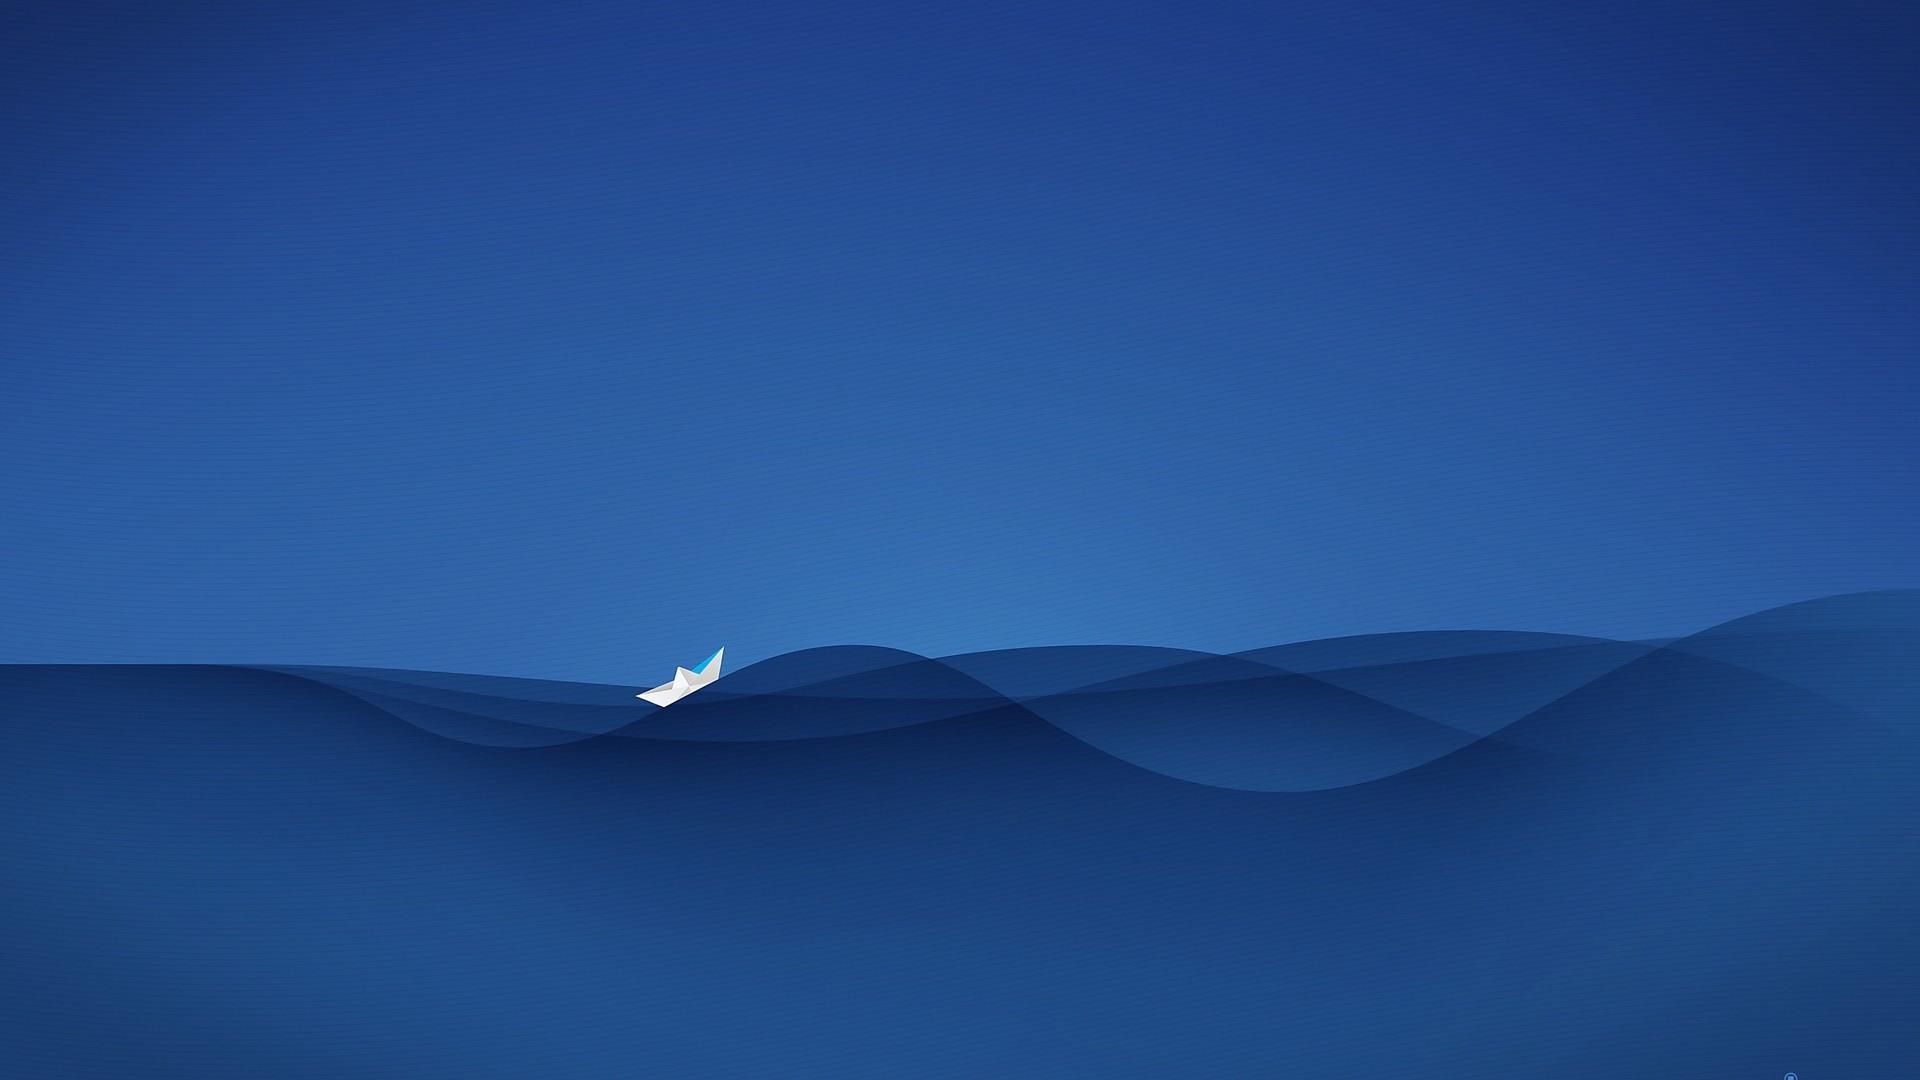 Water Minimalist PC Wallpaper